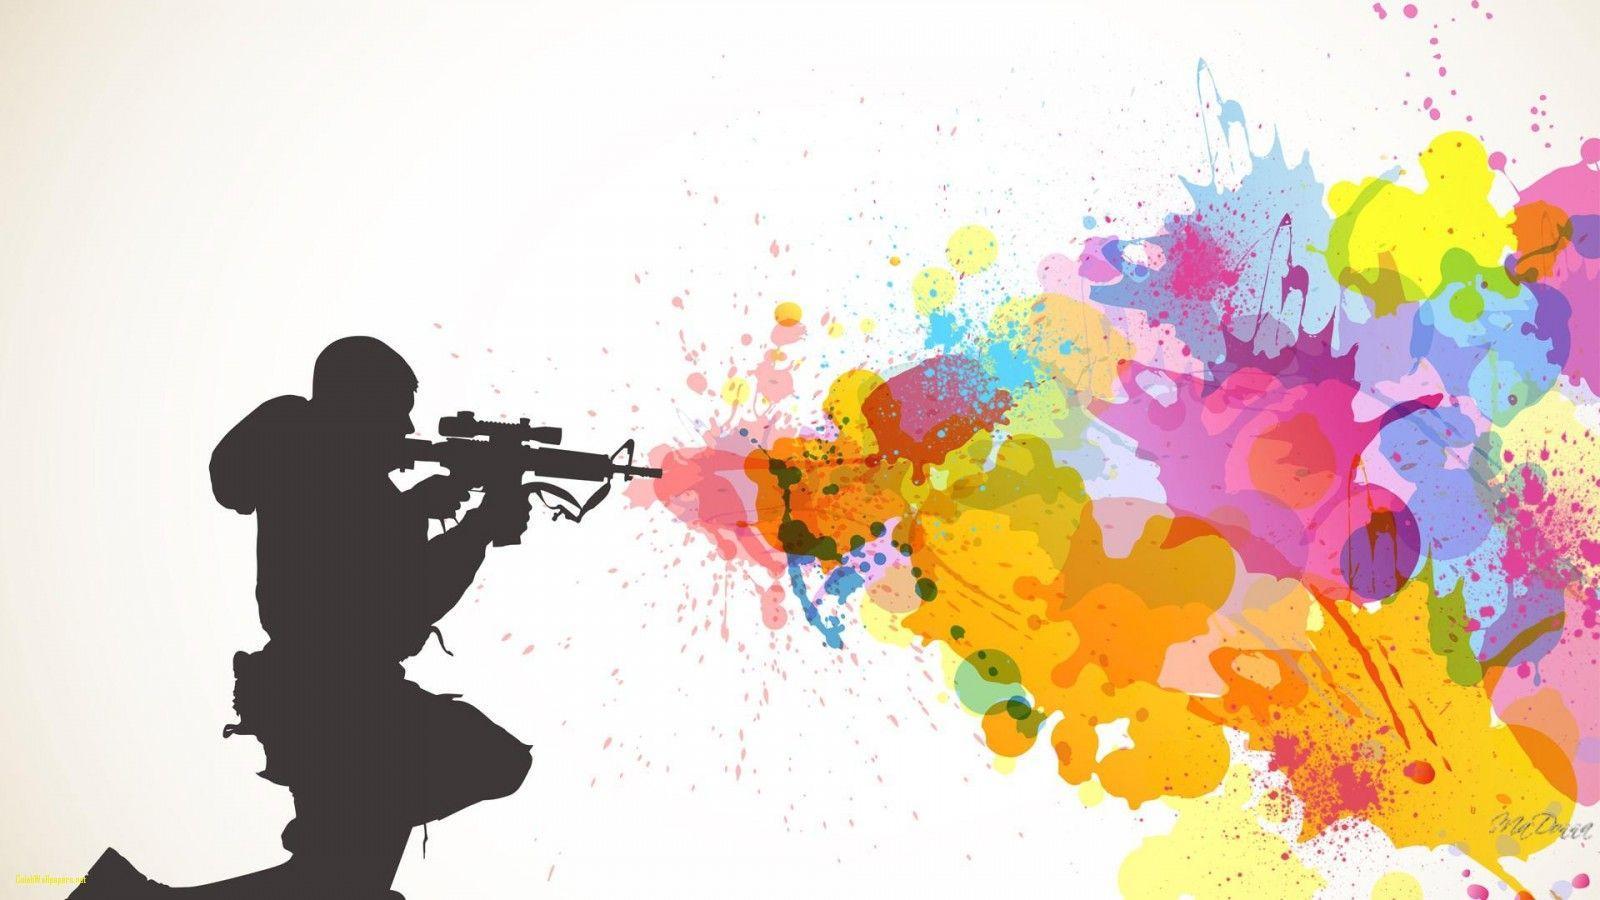 Wallpaper Paint Qygjxz Lovely Paintball Wallpaper | CelebsWallpaper